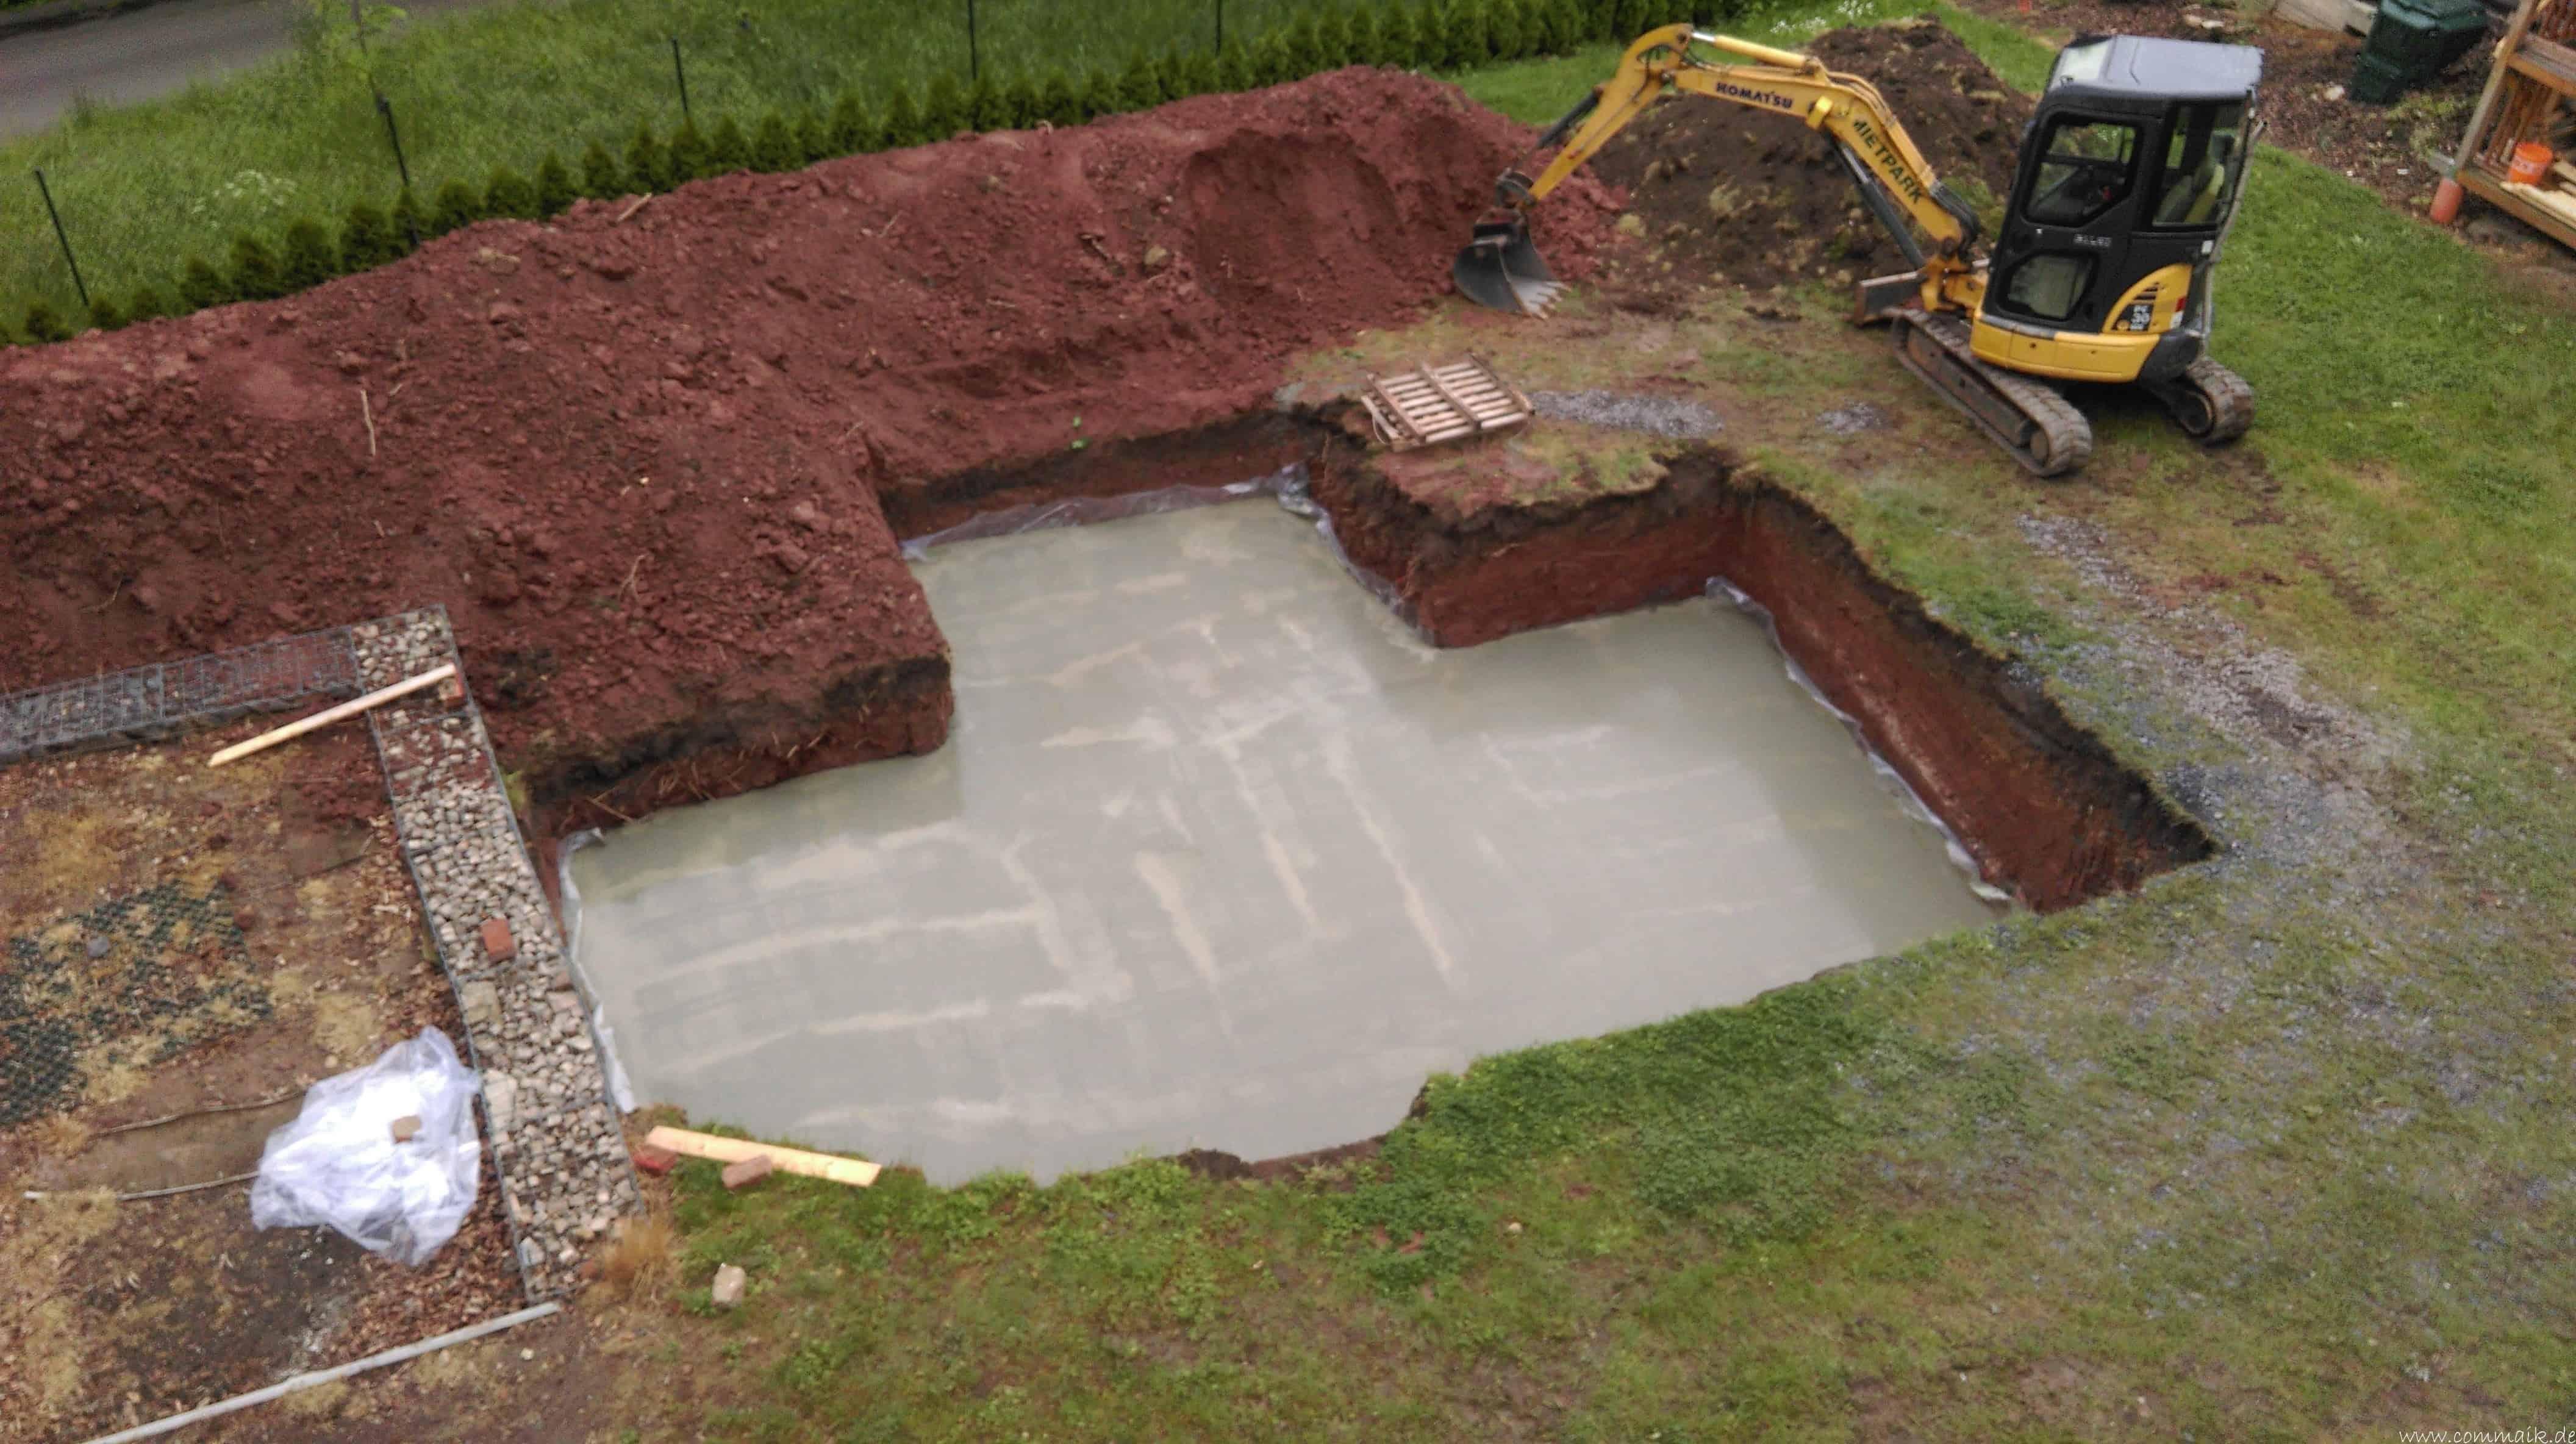 Baugrube Und Bodenplatte Unser Poolprojekt Schreitet Voran Commaik